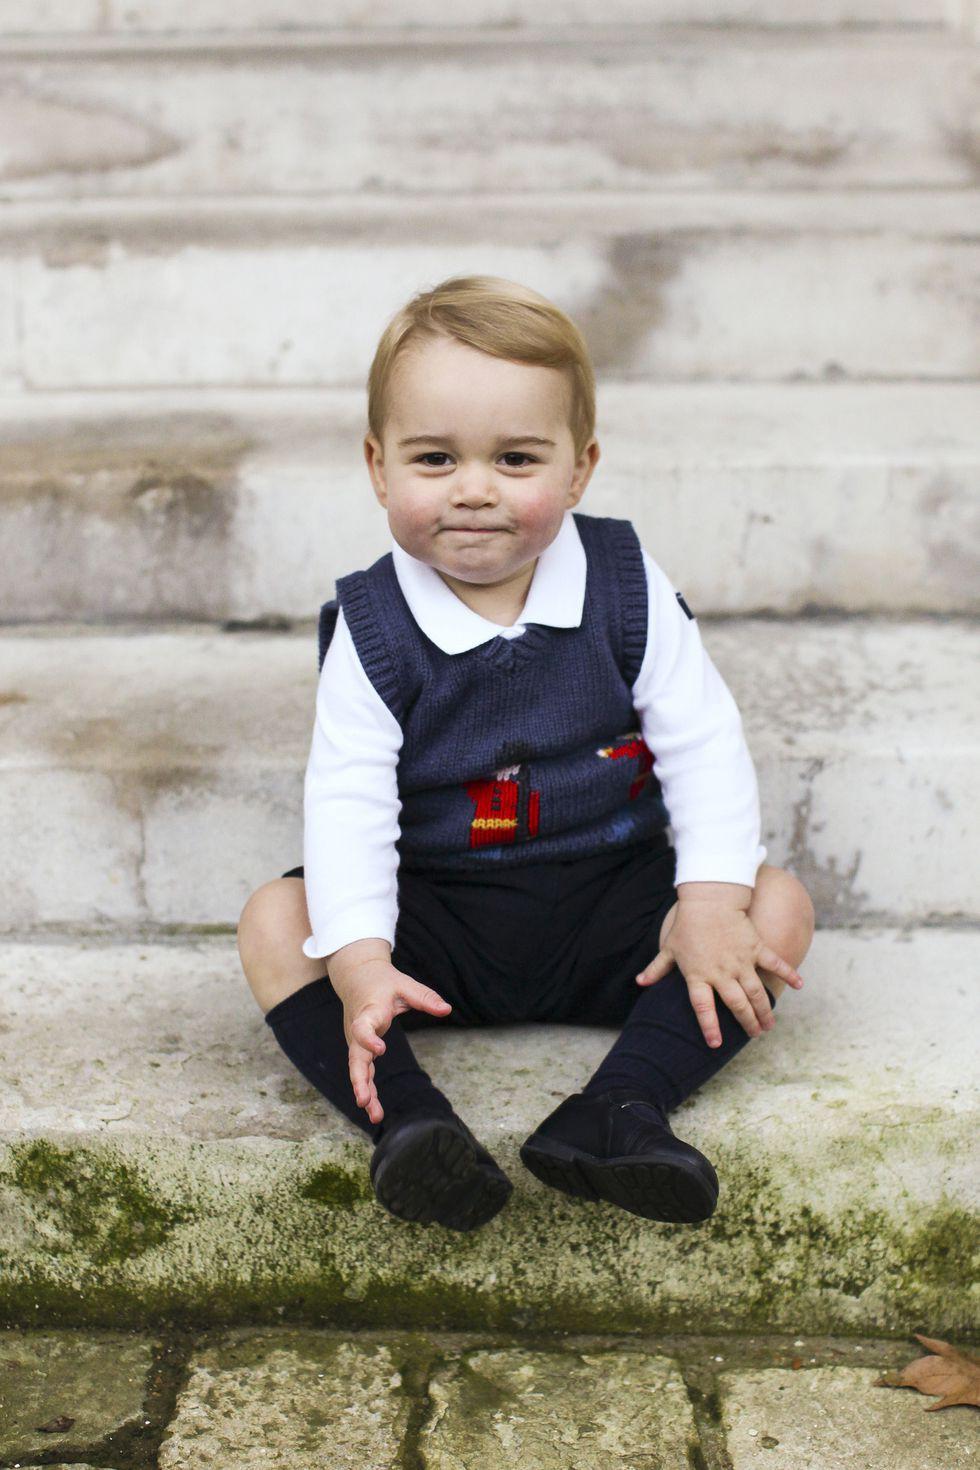 Xem 25 bức ảnh chân dung của Hoàng gia Anh, bạn sẽ hiểu thêm về 8 thế hệ của gia đình quyền lực này - Ảnh 19.